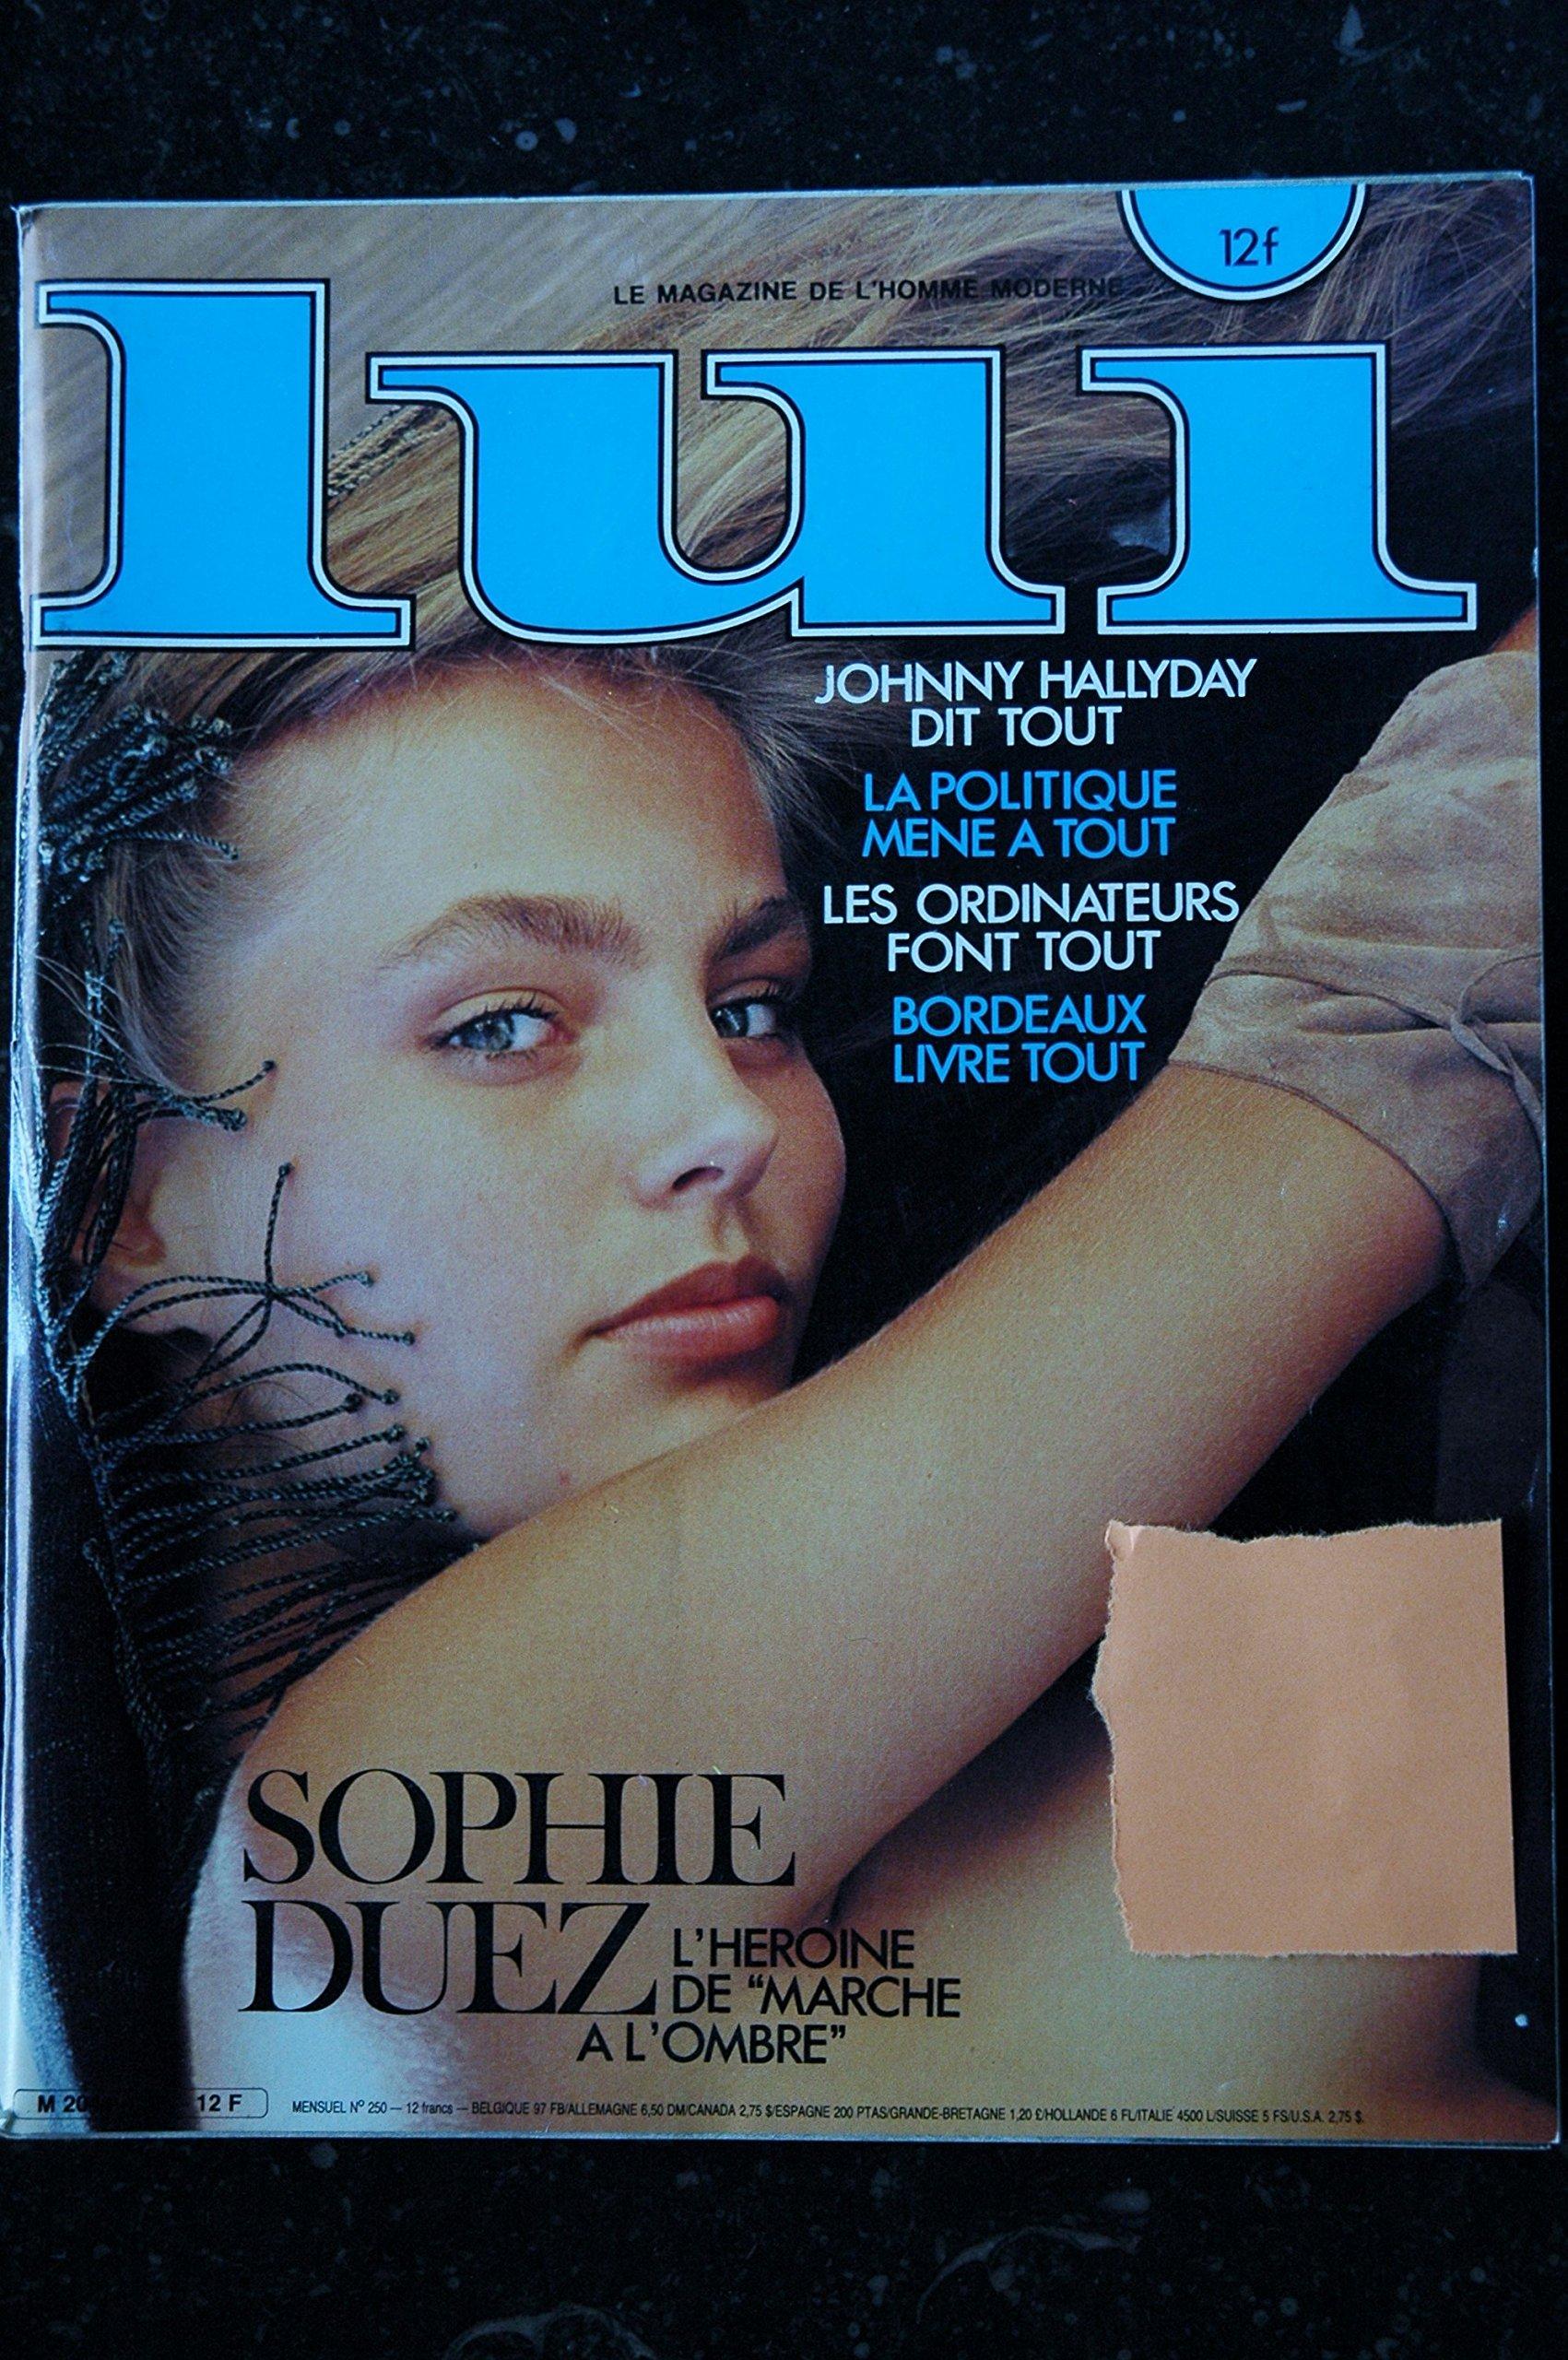 Lui 250 Sophie Duez Entierement Nue Hallyday Love Me Tender